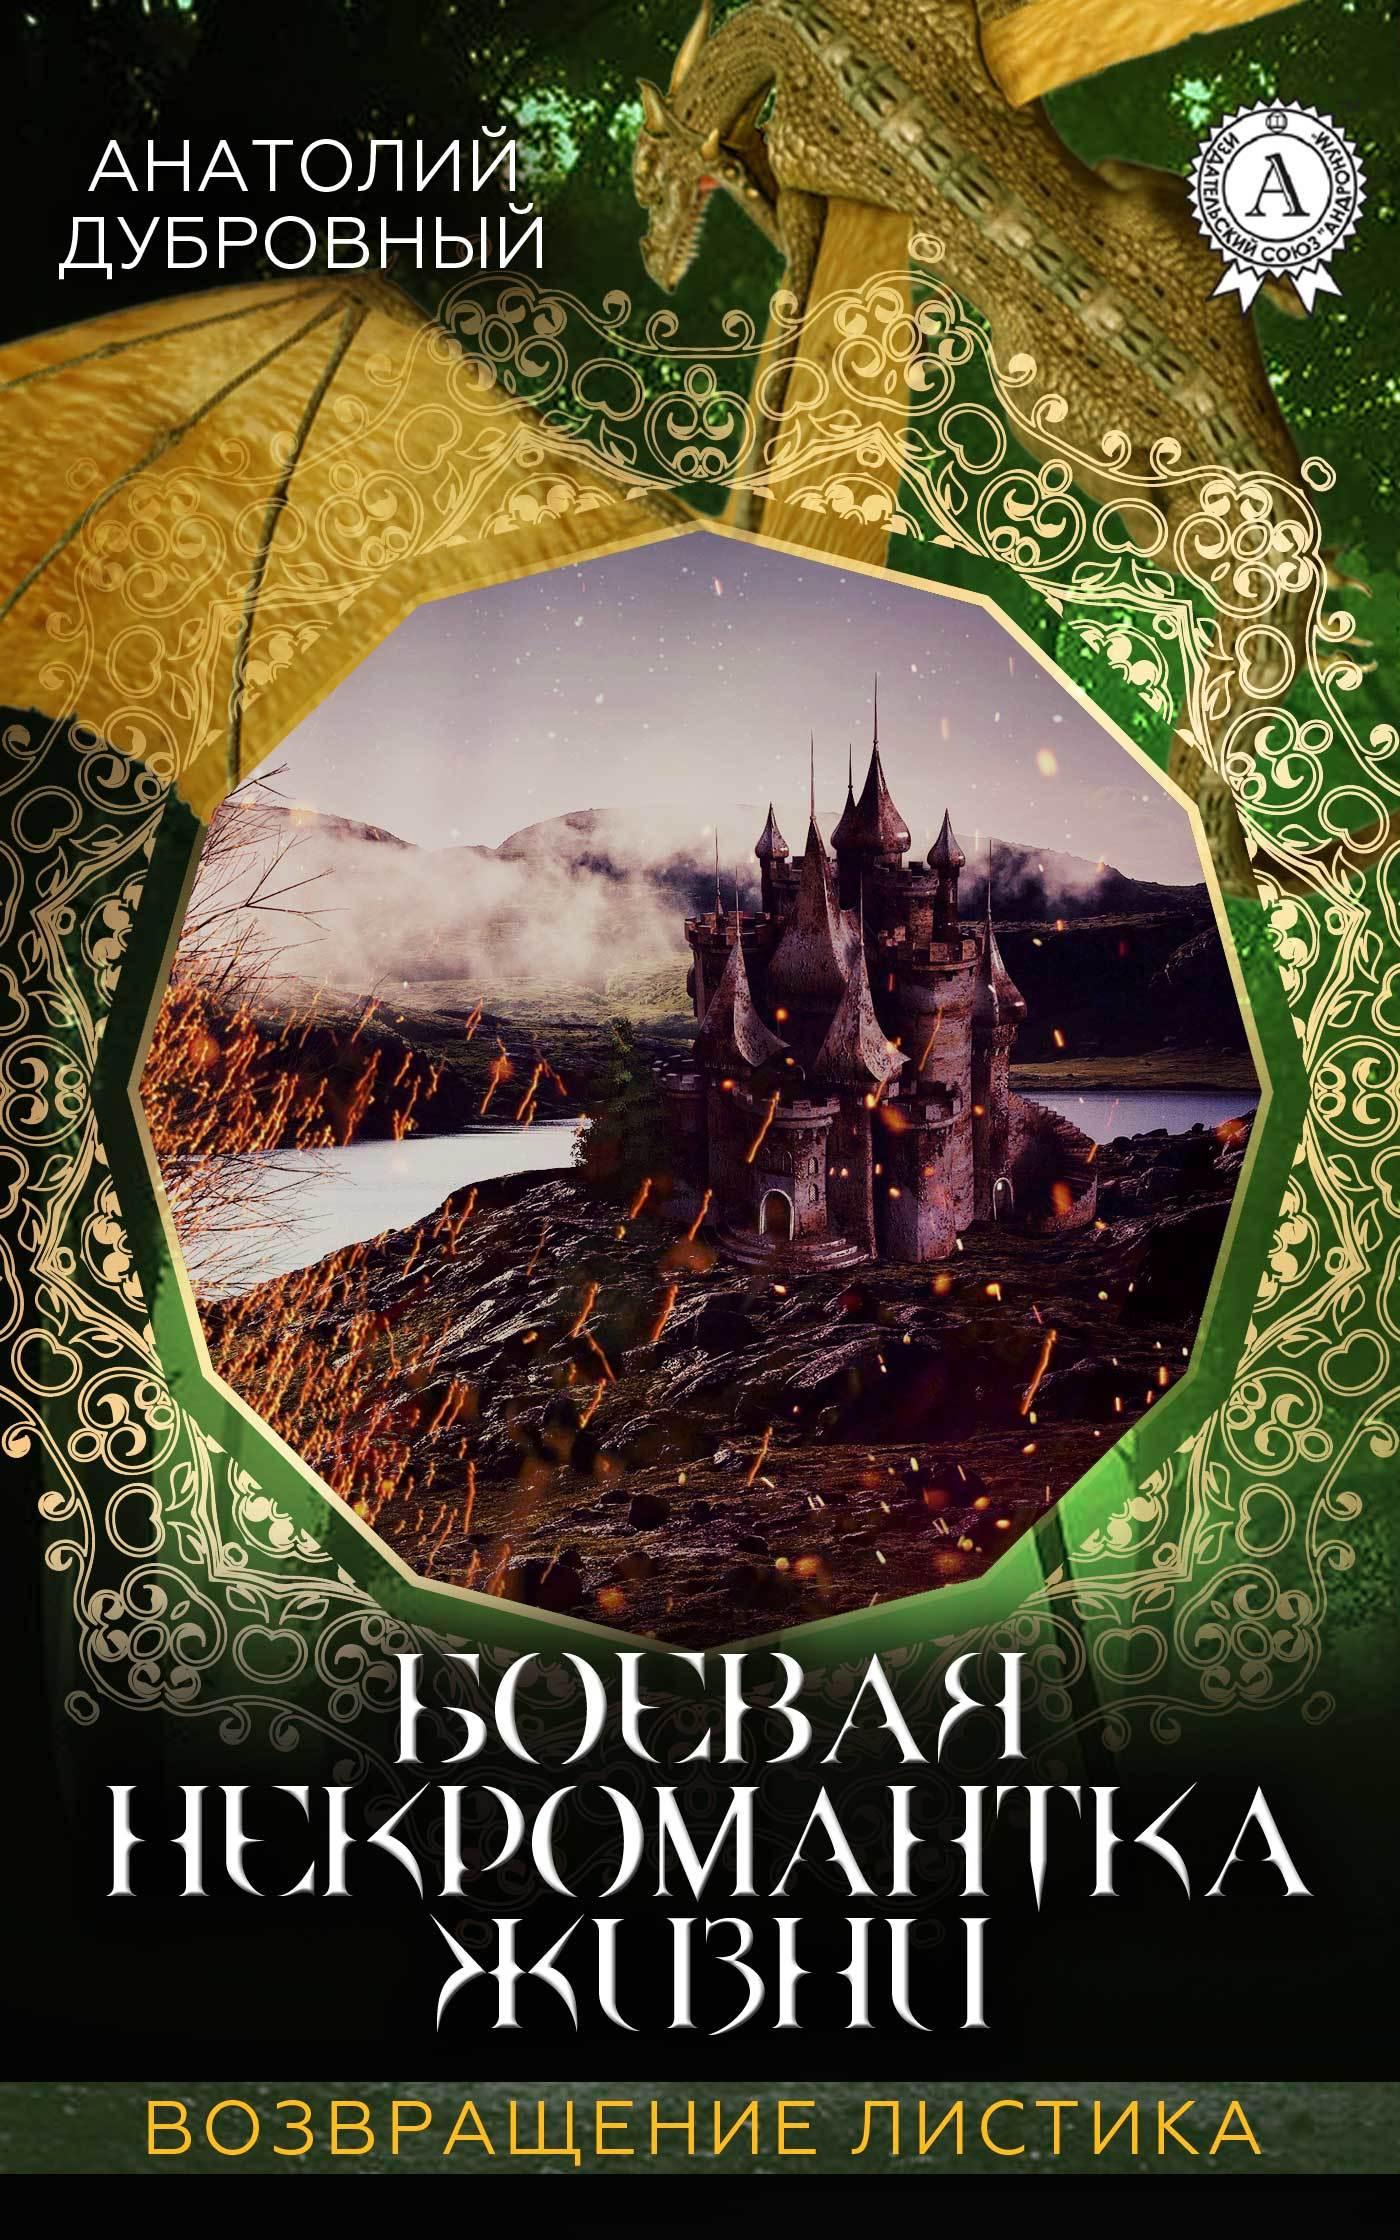 Анатолий Дубровный - Боевая некромантка жизни